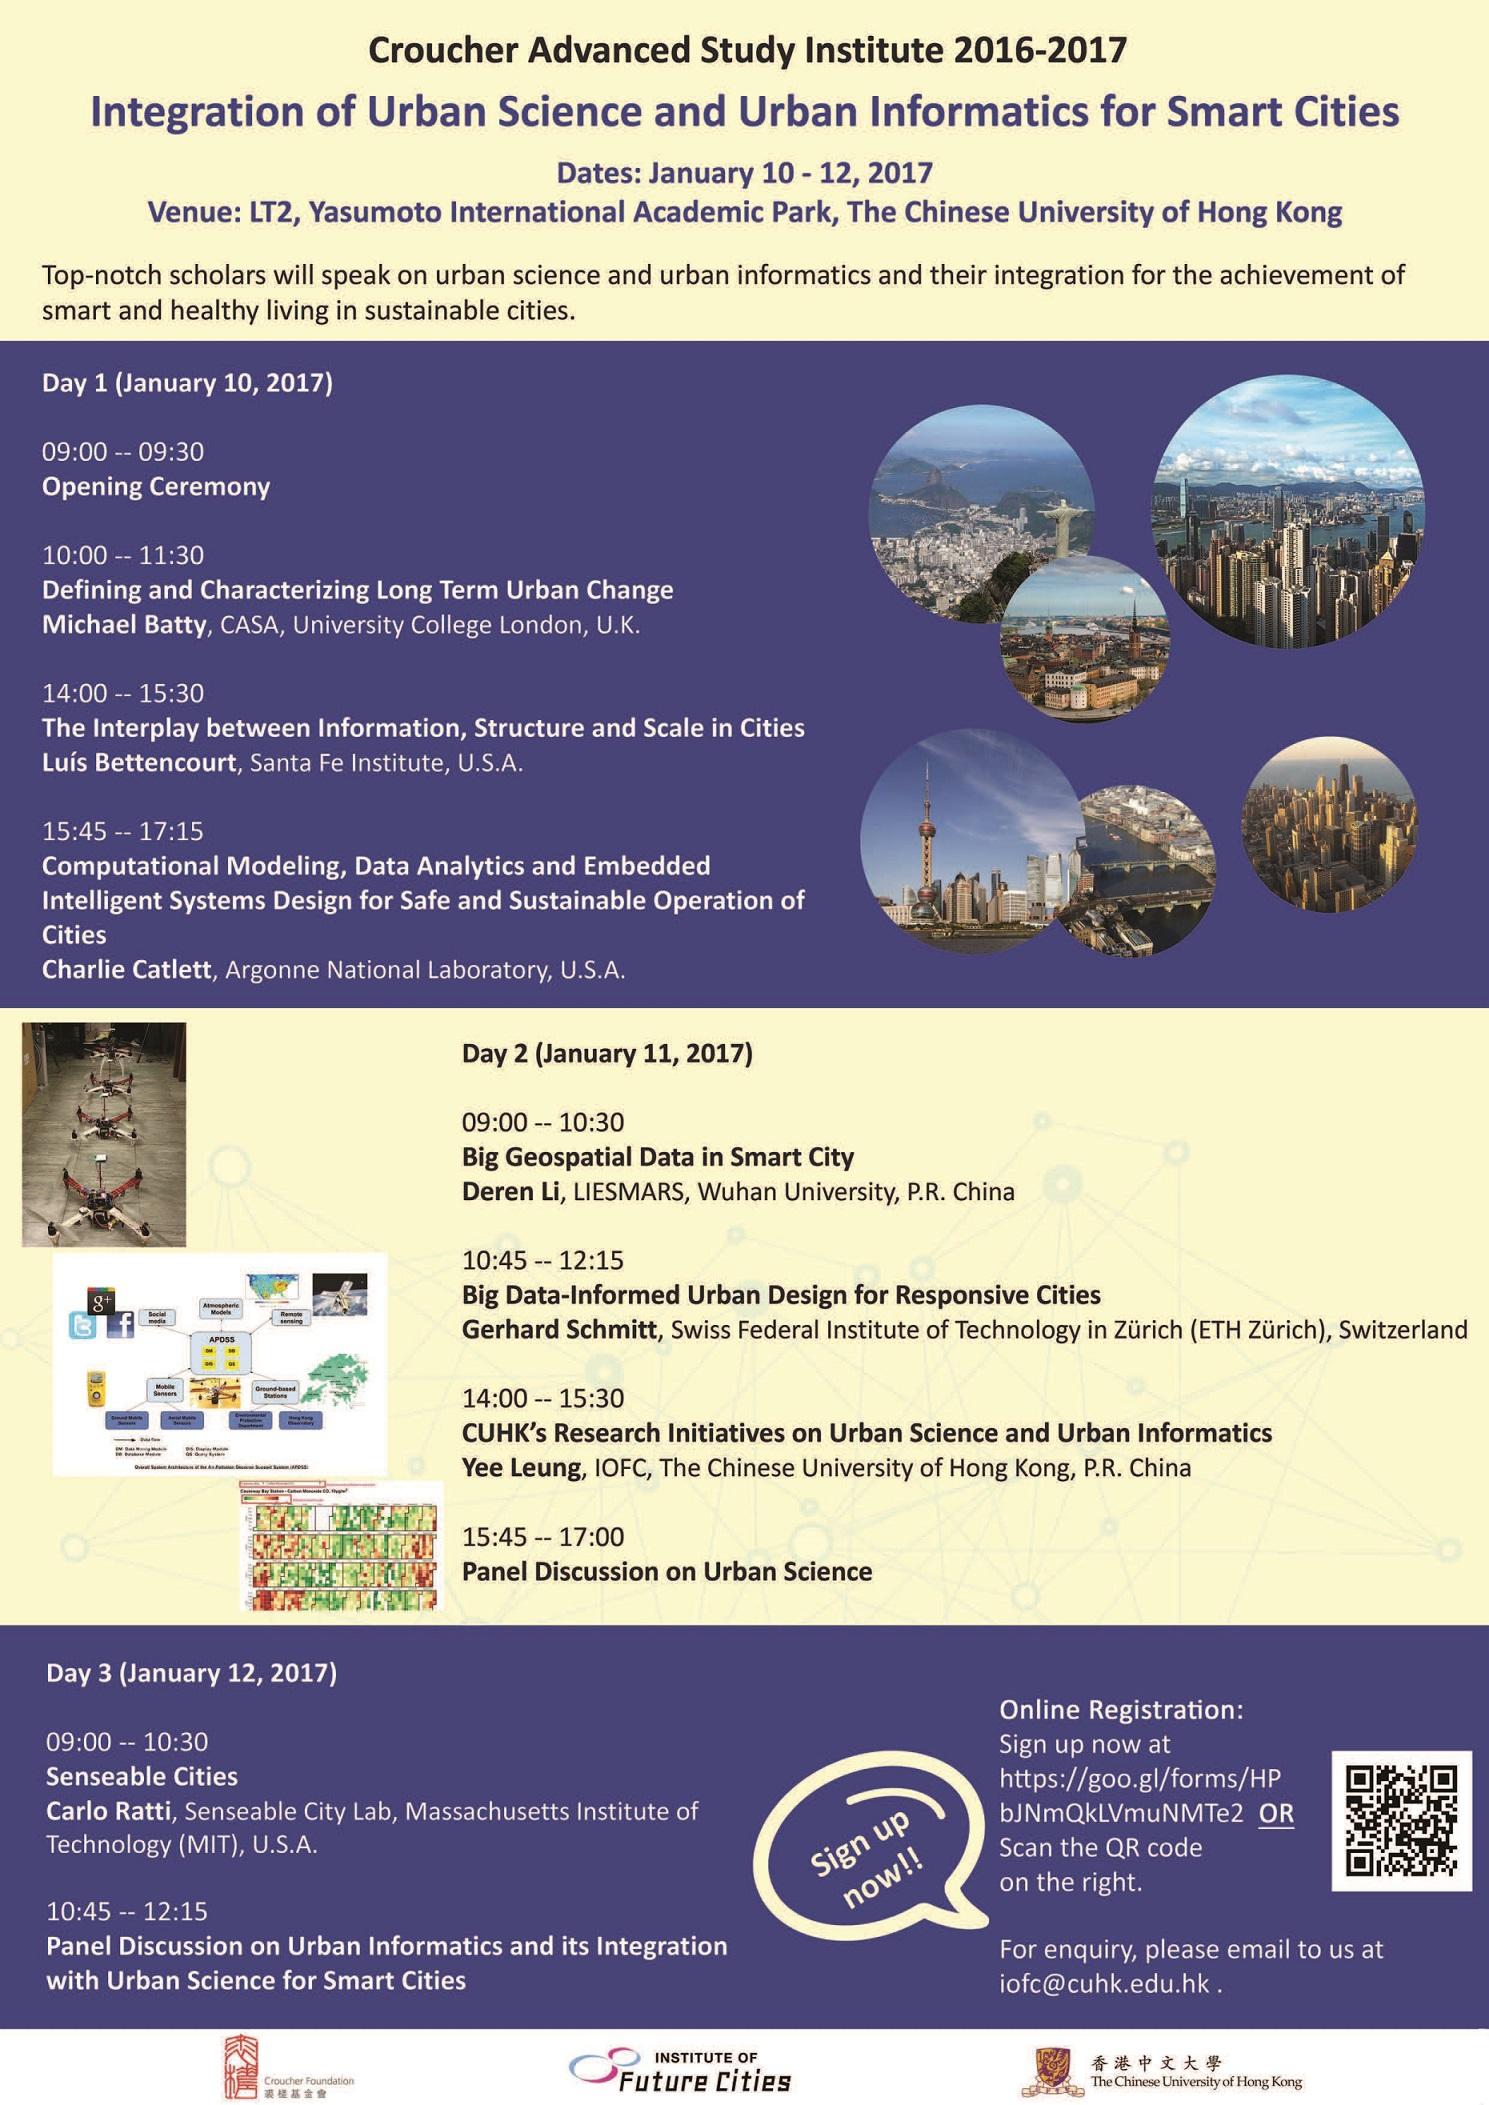 中大举办裘槎资深科研院会议2016-2017。